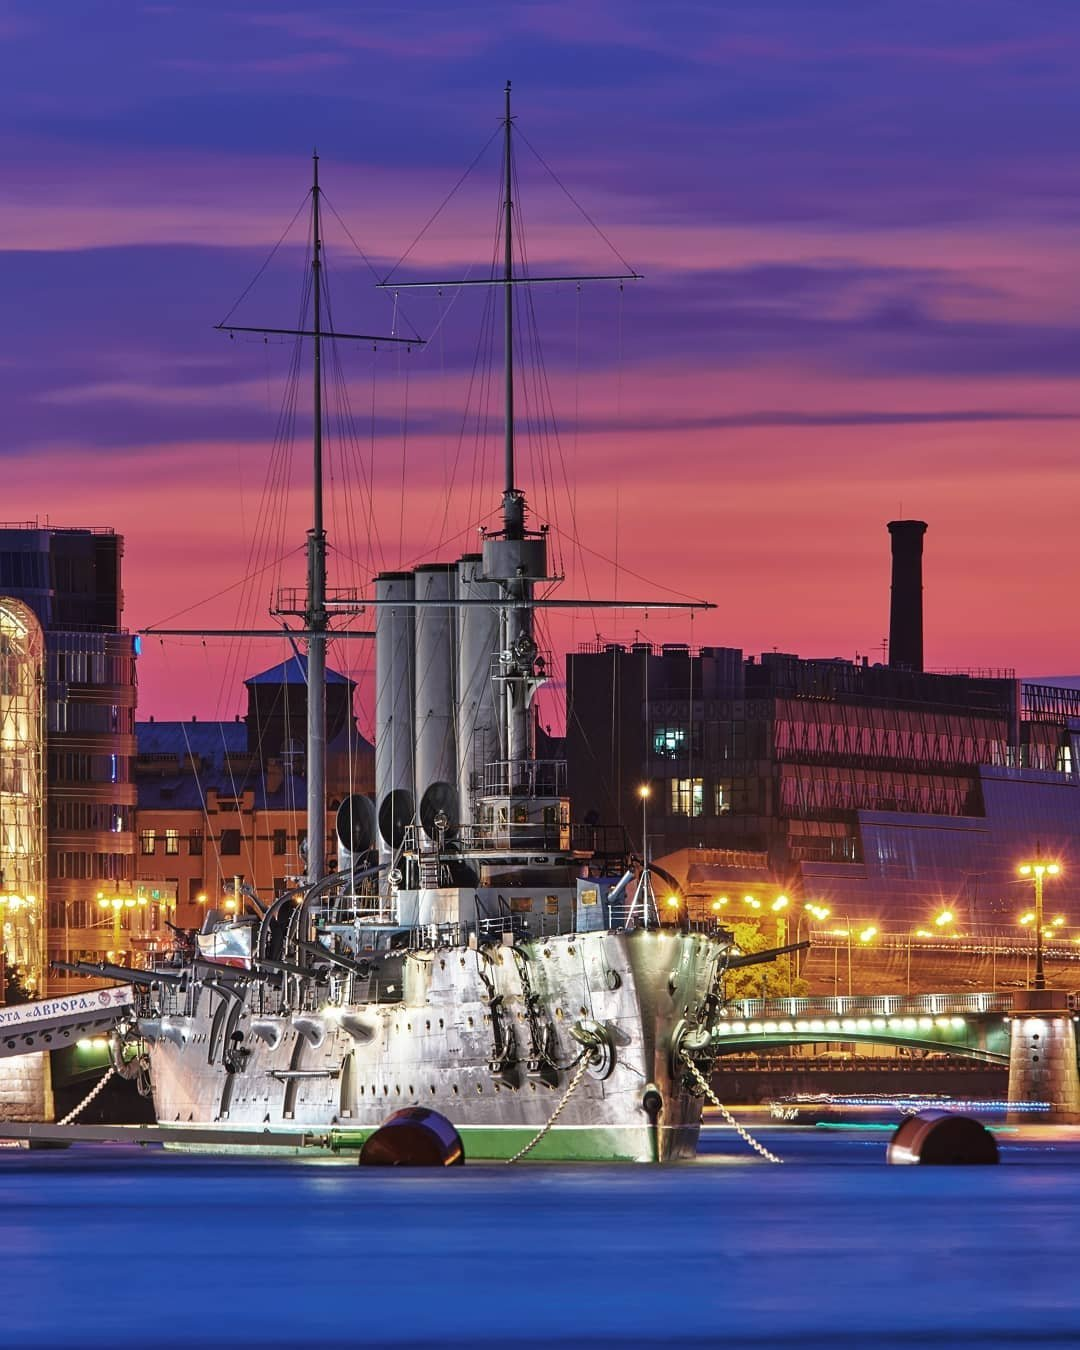 нас санкт петербург фото крейсер аврора лак можно заменять